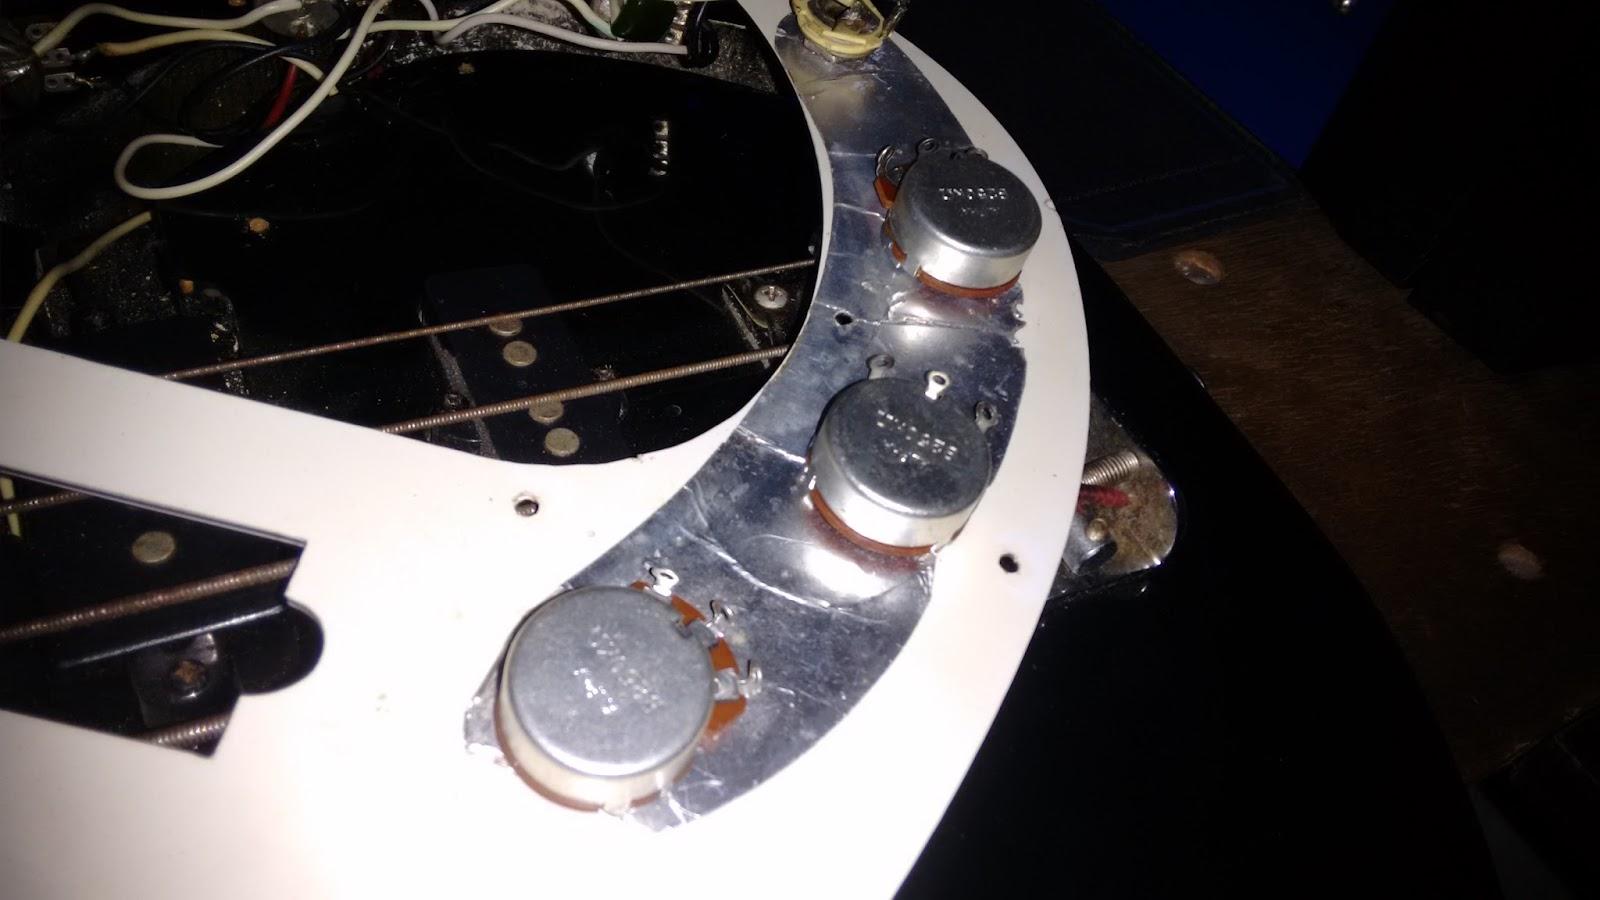 Circuito Eletrico Jazz Bass : Luthier de garagem refazendo circuito elétrico thomaz